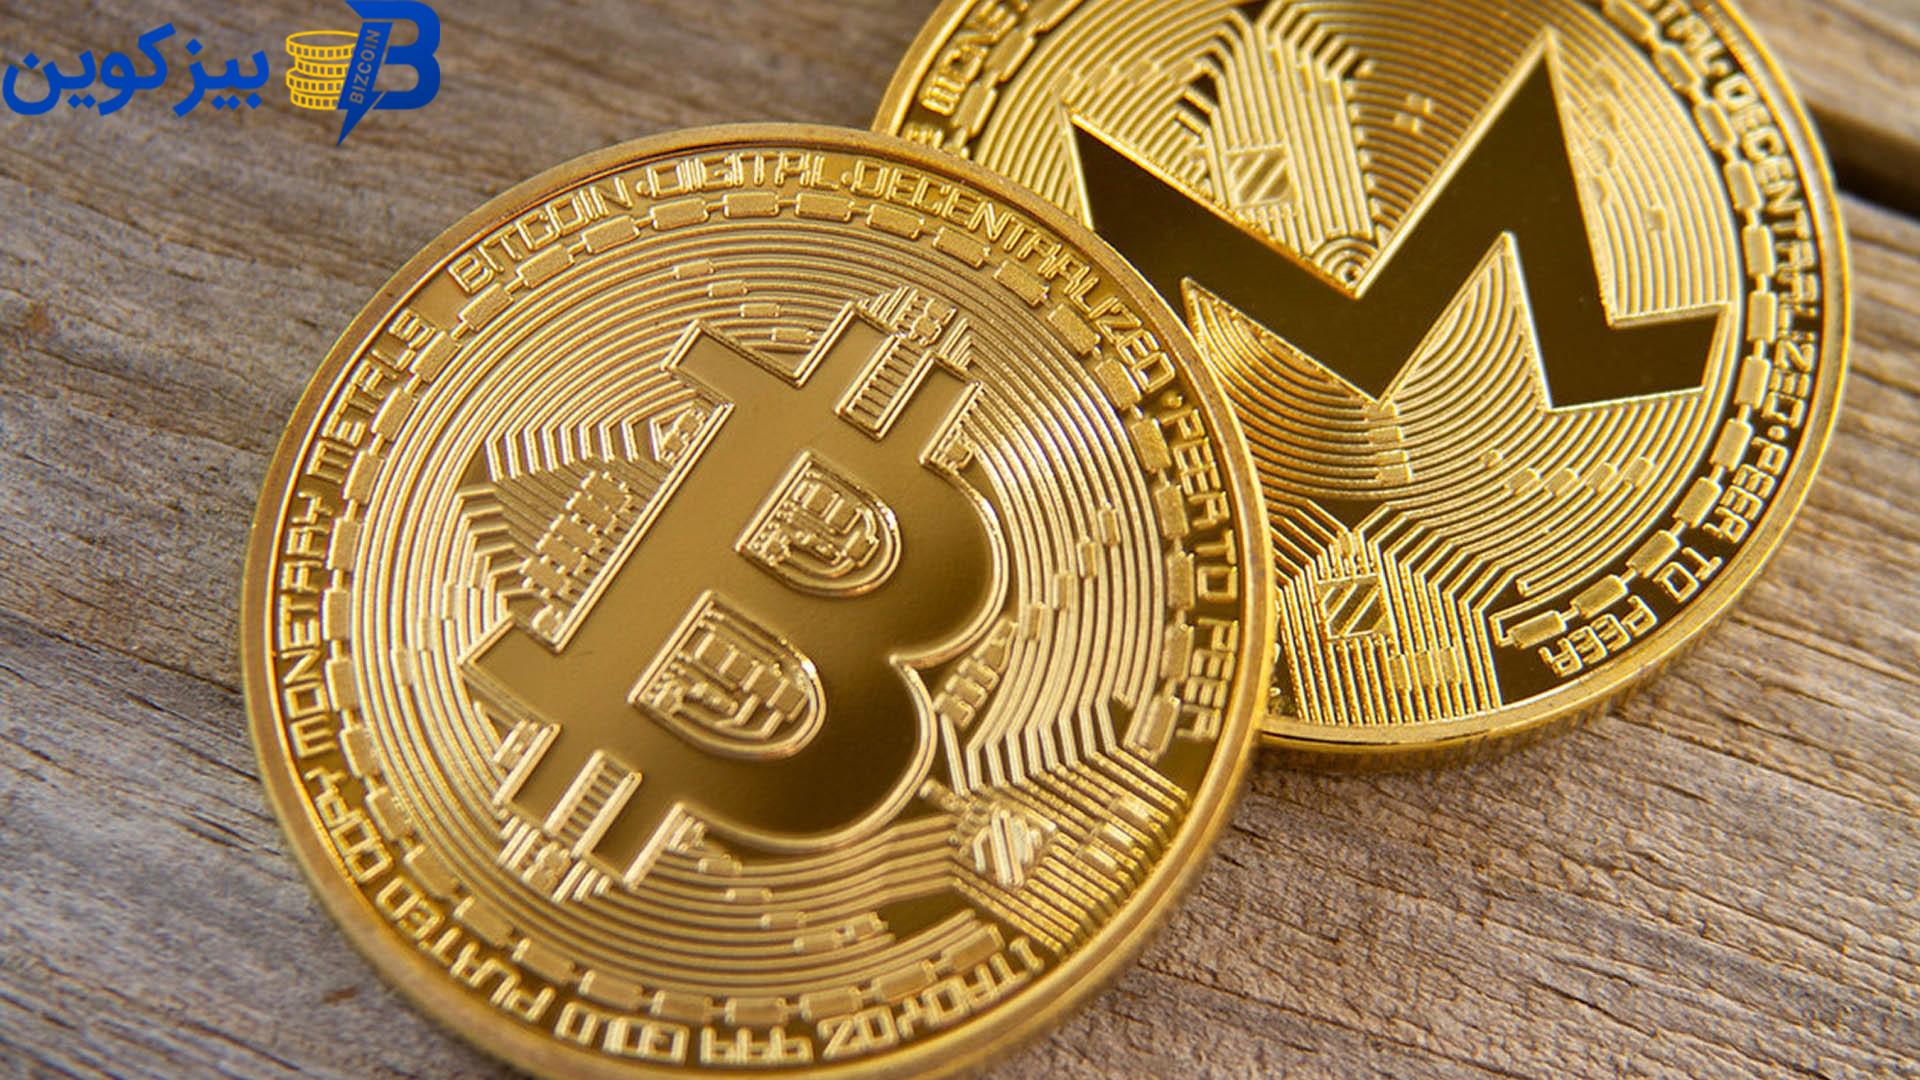 monero 8 رمز ارز مونرو چیست و چه ویژگی هایی دارد؟